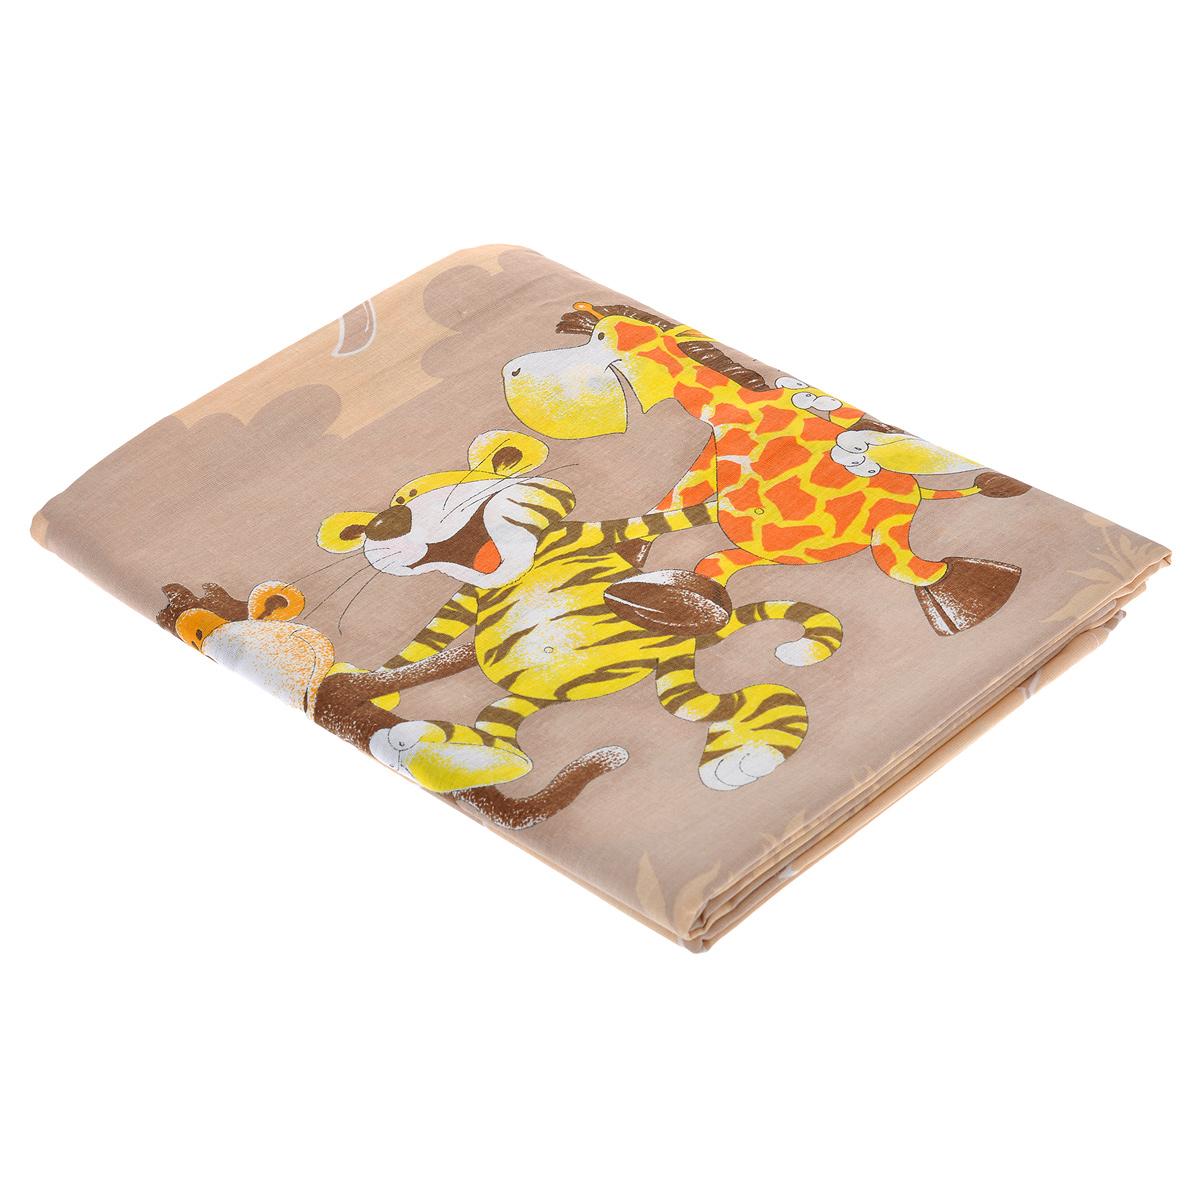 Комплект детского постельного белья Африка, цвет: бежевый, 3 предметаS03301004Комплект детского постельного белья Африка, состоящий из наволочки, простыни и пододеяльника, выполнен из натурального хлопка и оформленный авторским рисунком с изображениями веселых танцующих зверят. Хлопок - это натуральный материал, который не раздражает даже самую нежную и чувствительную кожу малыша, не вызывает аллергии и хорошо вентилируется. Такой комплект идеально подойдет для кроватки вашего малыша. На нем ваш кроха будет спать здоровым и крепким сном.